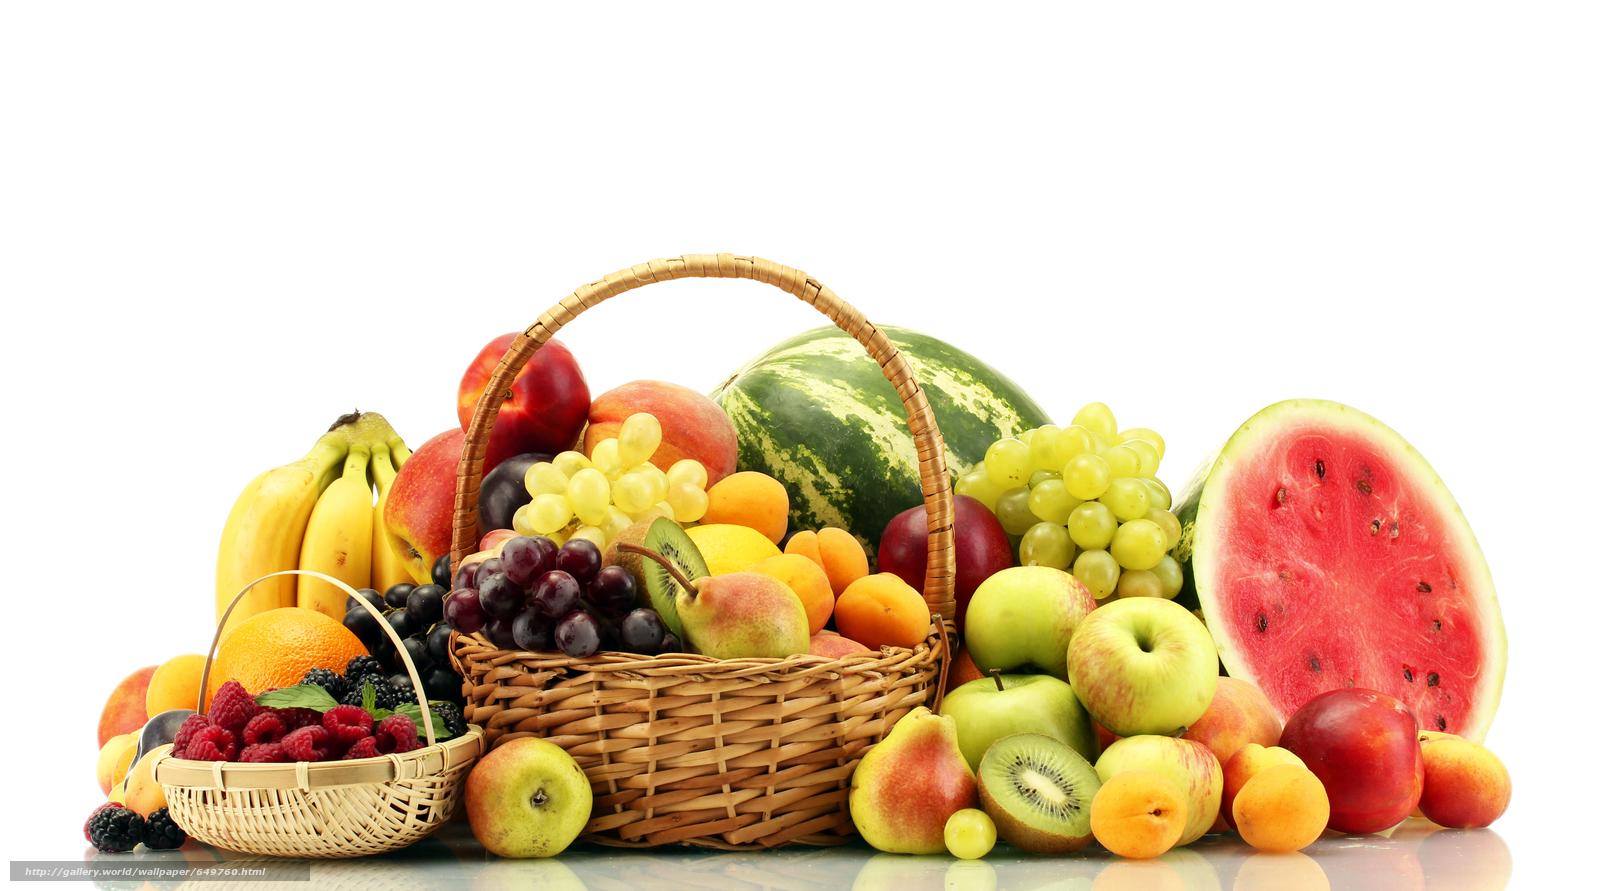 descarca imagini de fundal natură moartă,  fruct,  fel de mâncare făcut,  coș Imagini de fundal gratuite pentru rezoluia desktop 9932x5528 — imagine №649760